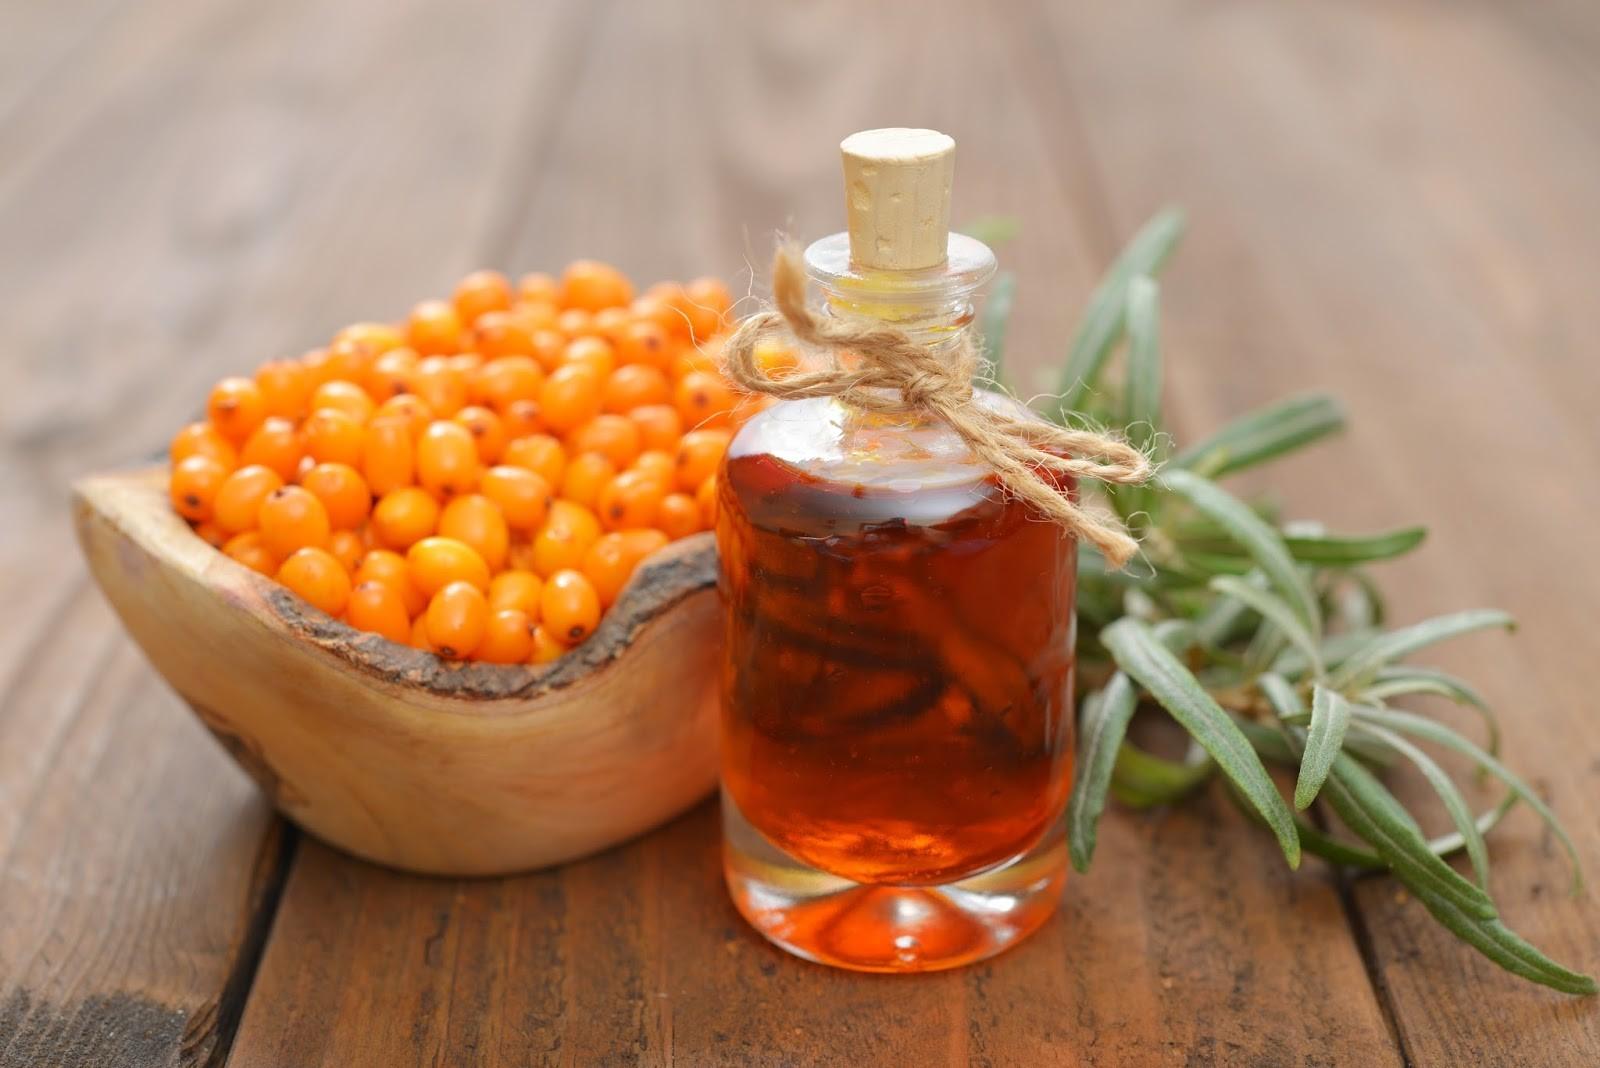 Эфирные масла облепихового масла делают его незаменимым лекарством для ингаляций